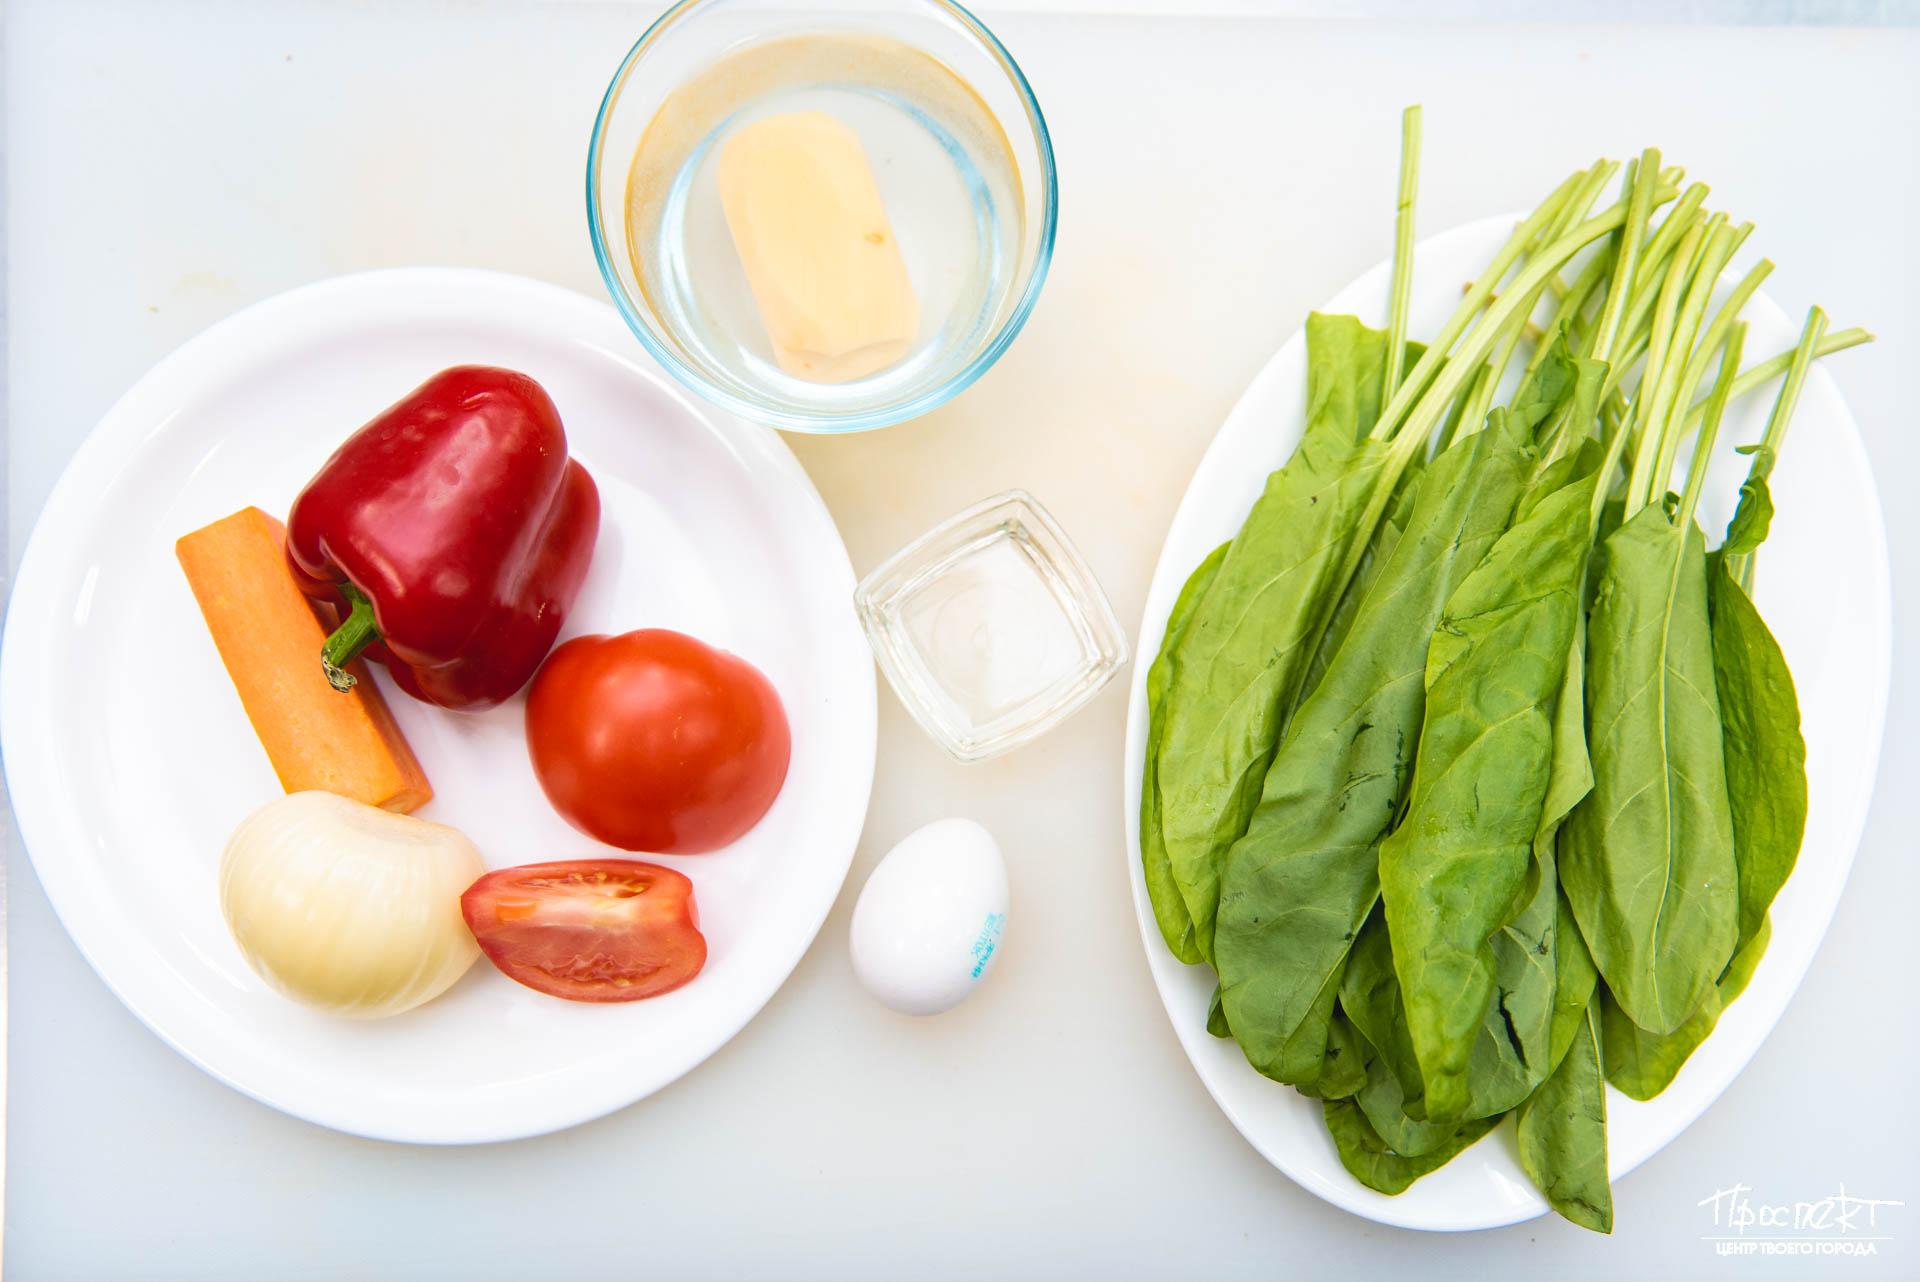 проспект медиа, день здорового питания и отказа от лишней еды